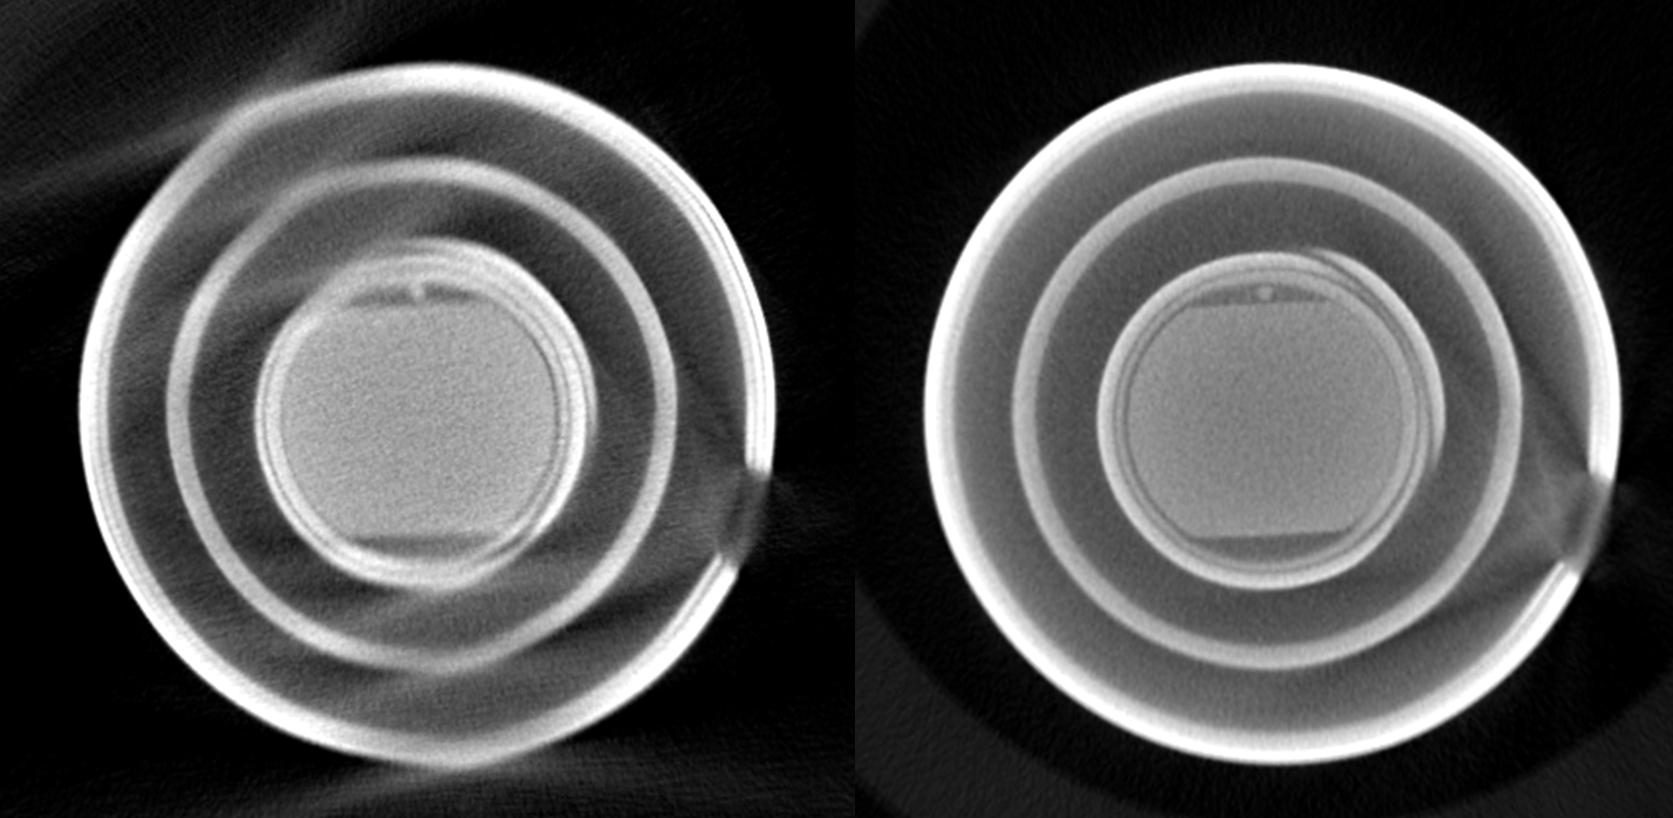 Zündspulen - links konventioneller 3-fach Scan und rechts unter Verwendung der PolyCT